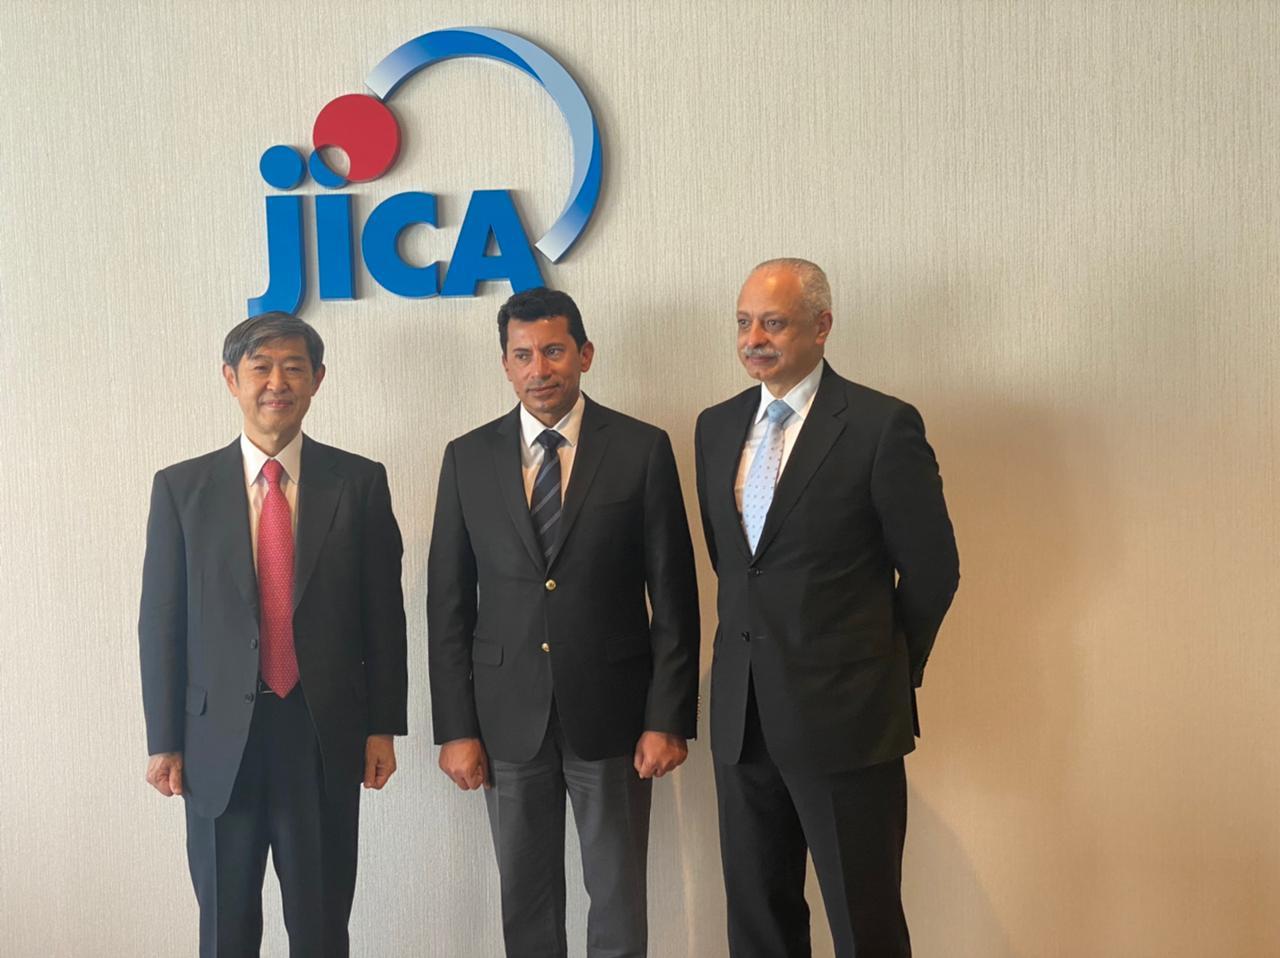 """وزير الشباب والرياضة يلتقي مدير هيئة التعاون الدولي اليابانية """"جايكا"""""""